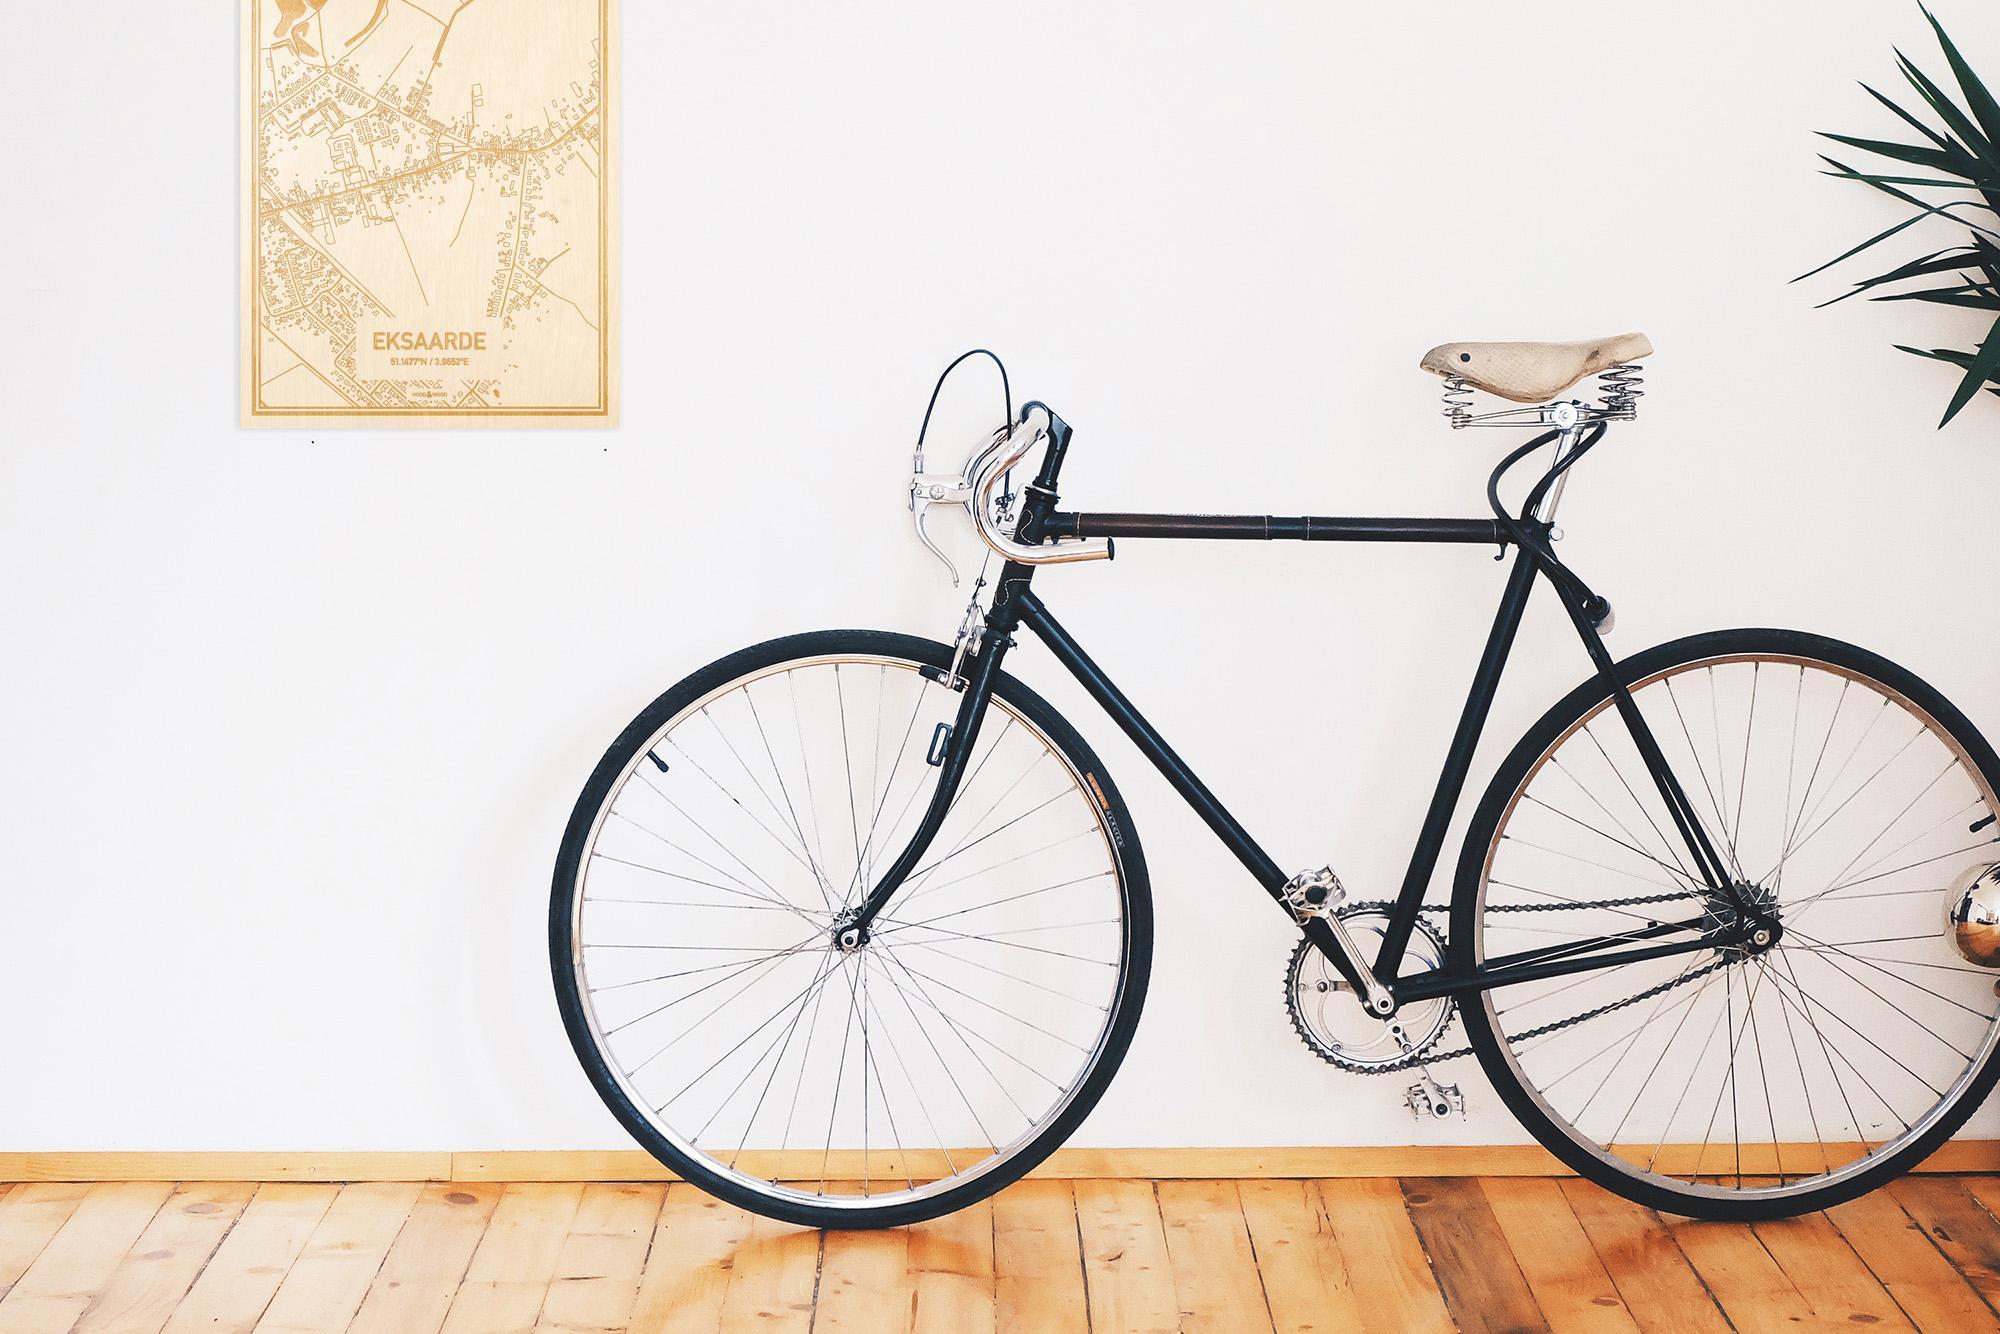 Een snelle fiets in een uniek interieur in Oost-Vlaanderen  met mooie decoratie zoals de plattegrond Eksaarde.